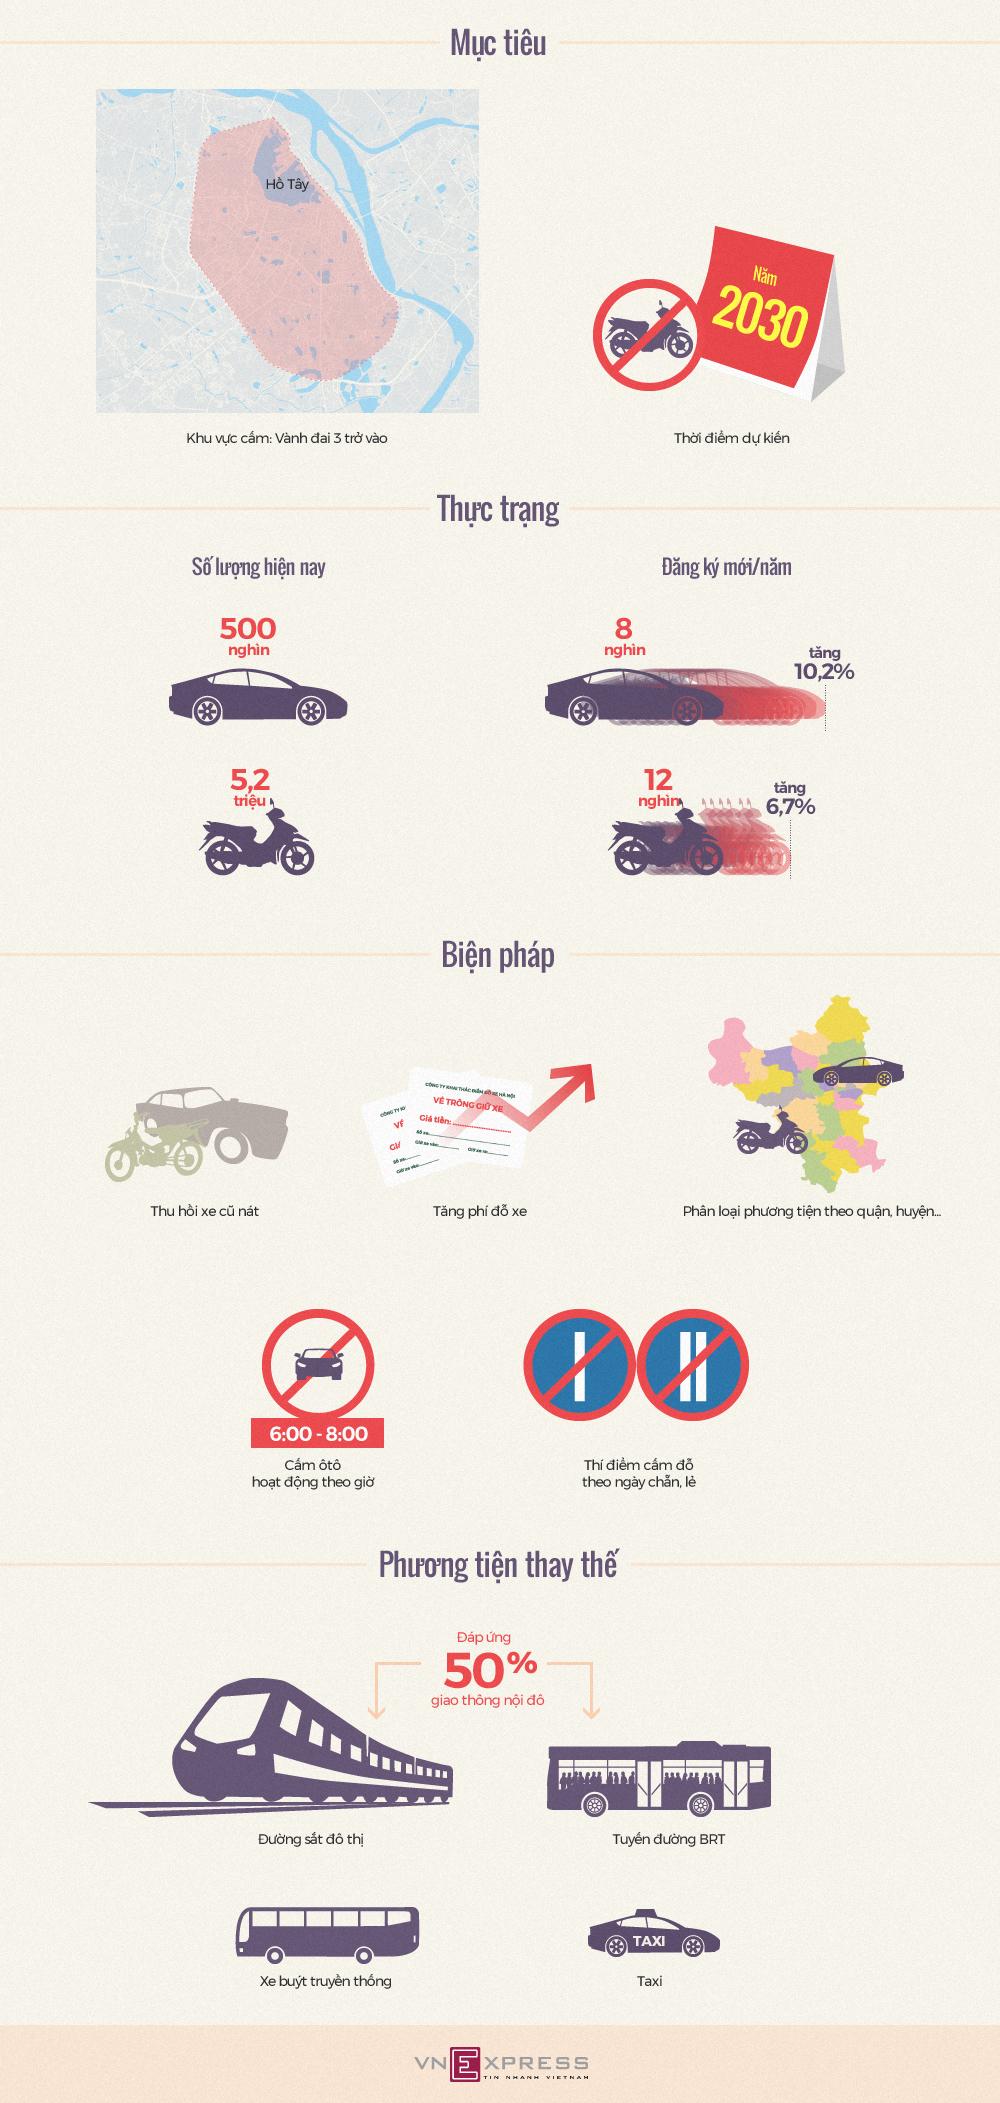 Hà Nội cấm xe máy vào năm 2030 như thế nào